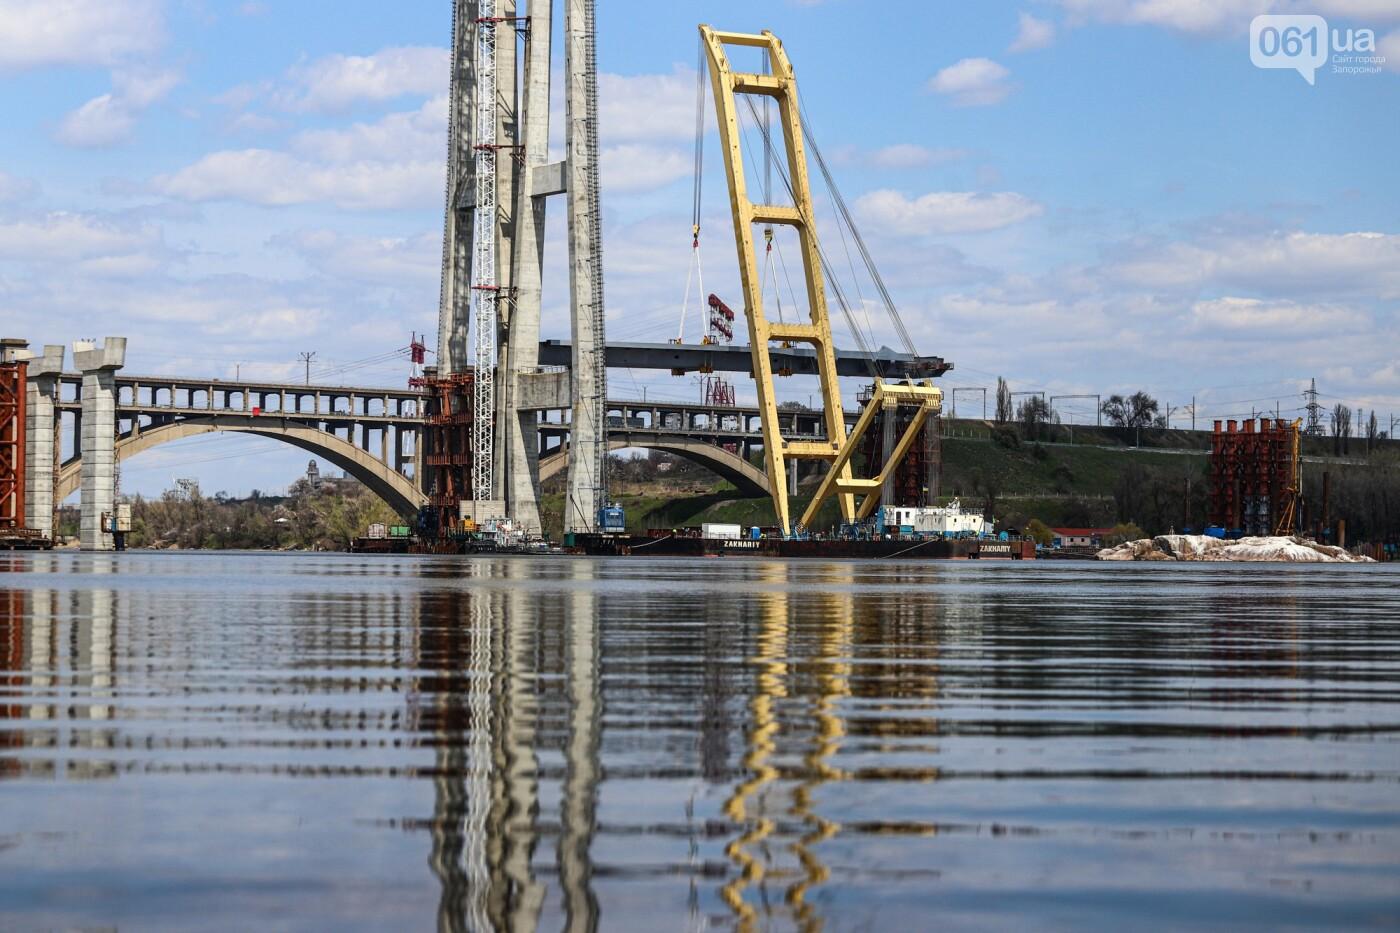 В Запорожье монтируют первый блок вантового моста, - ФОТОРЕПОРТАЖ, фото-3